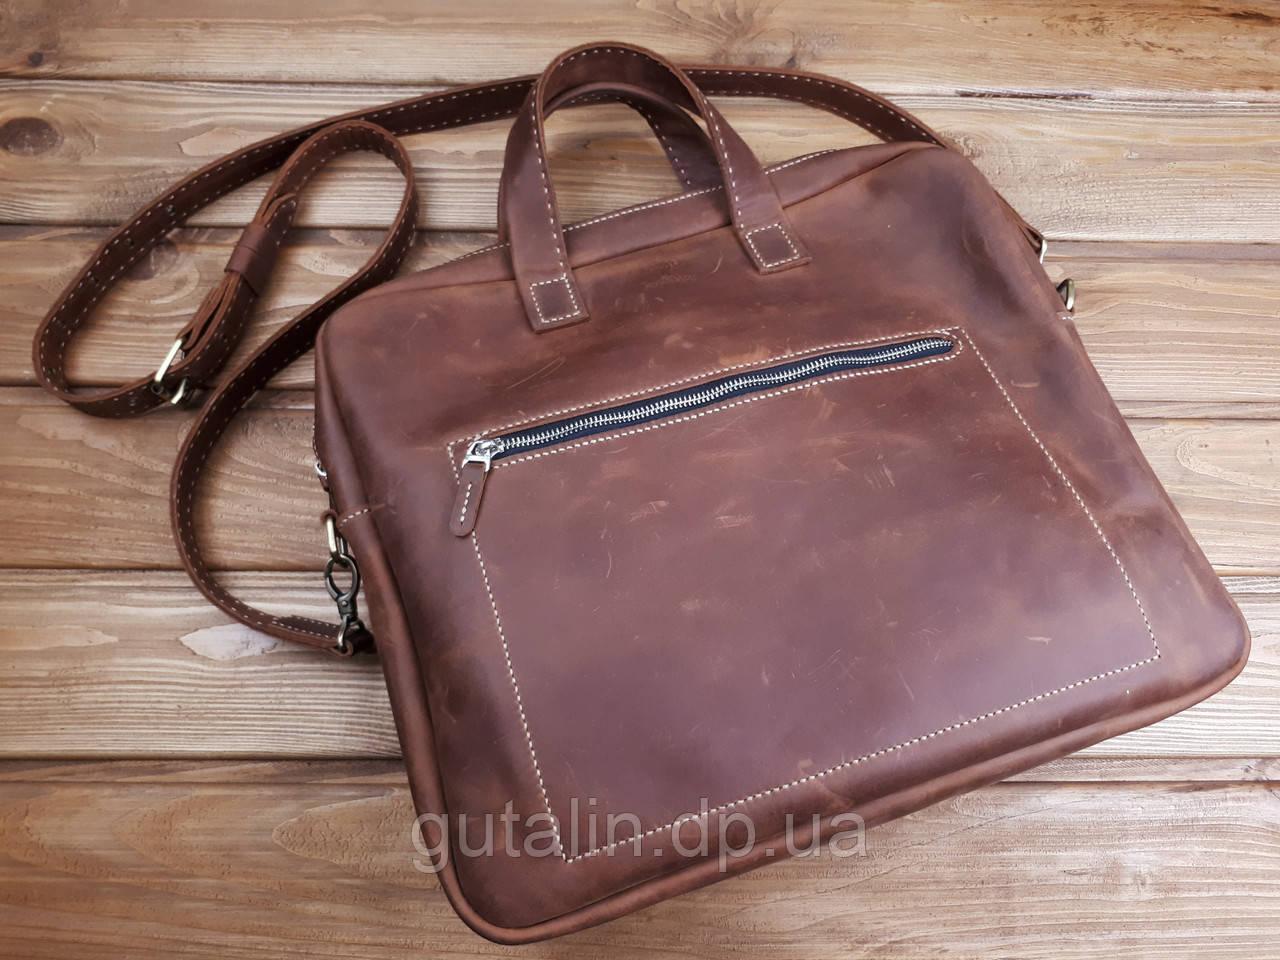 5af887d4fb5f Мужская сумка ручной работы из натуральной кожи Офисная цвет коньяк -  Магазин и мастерская